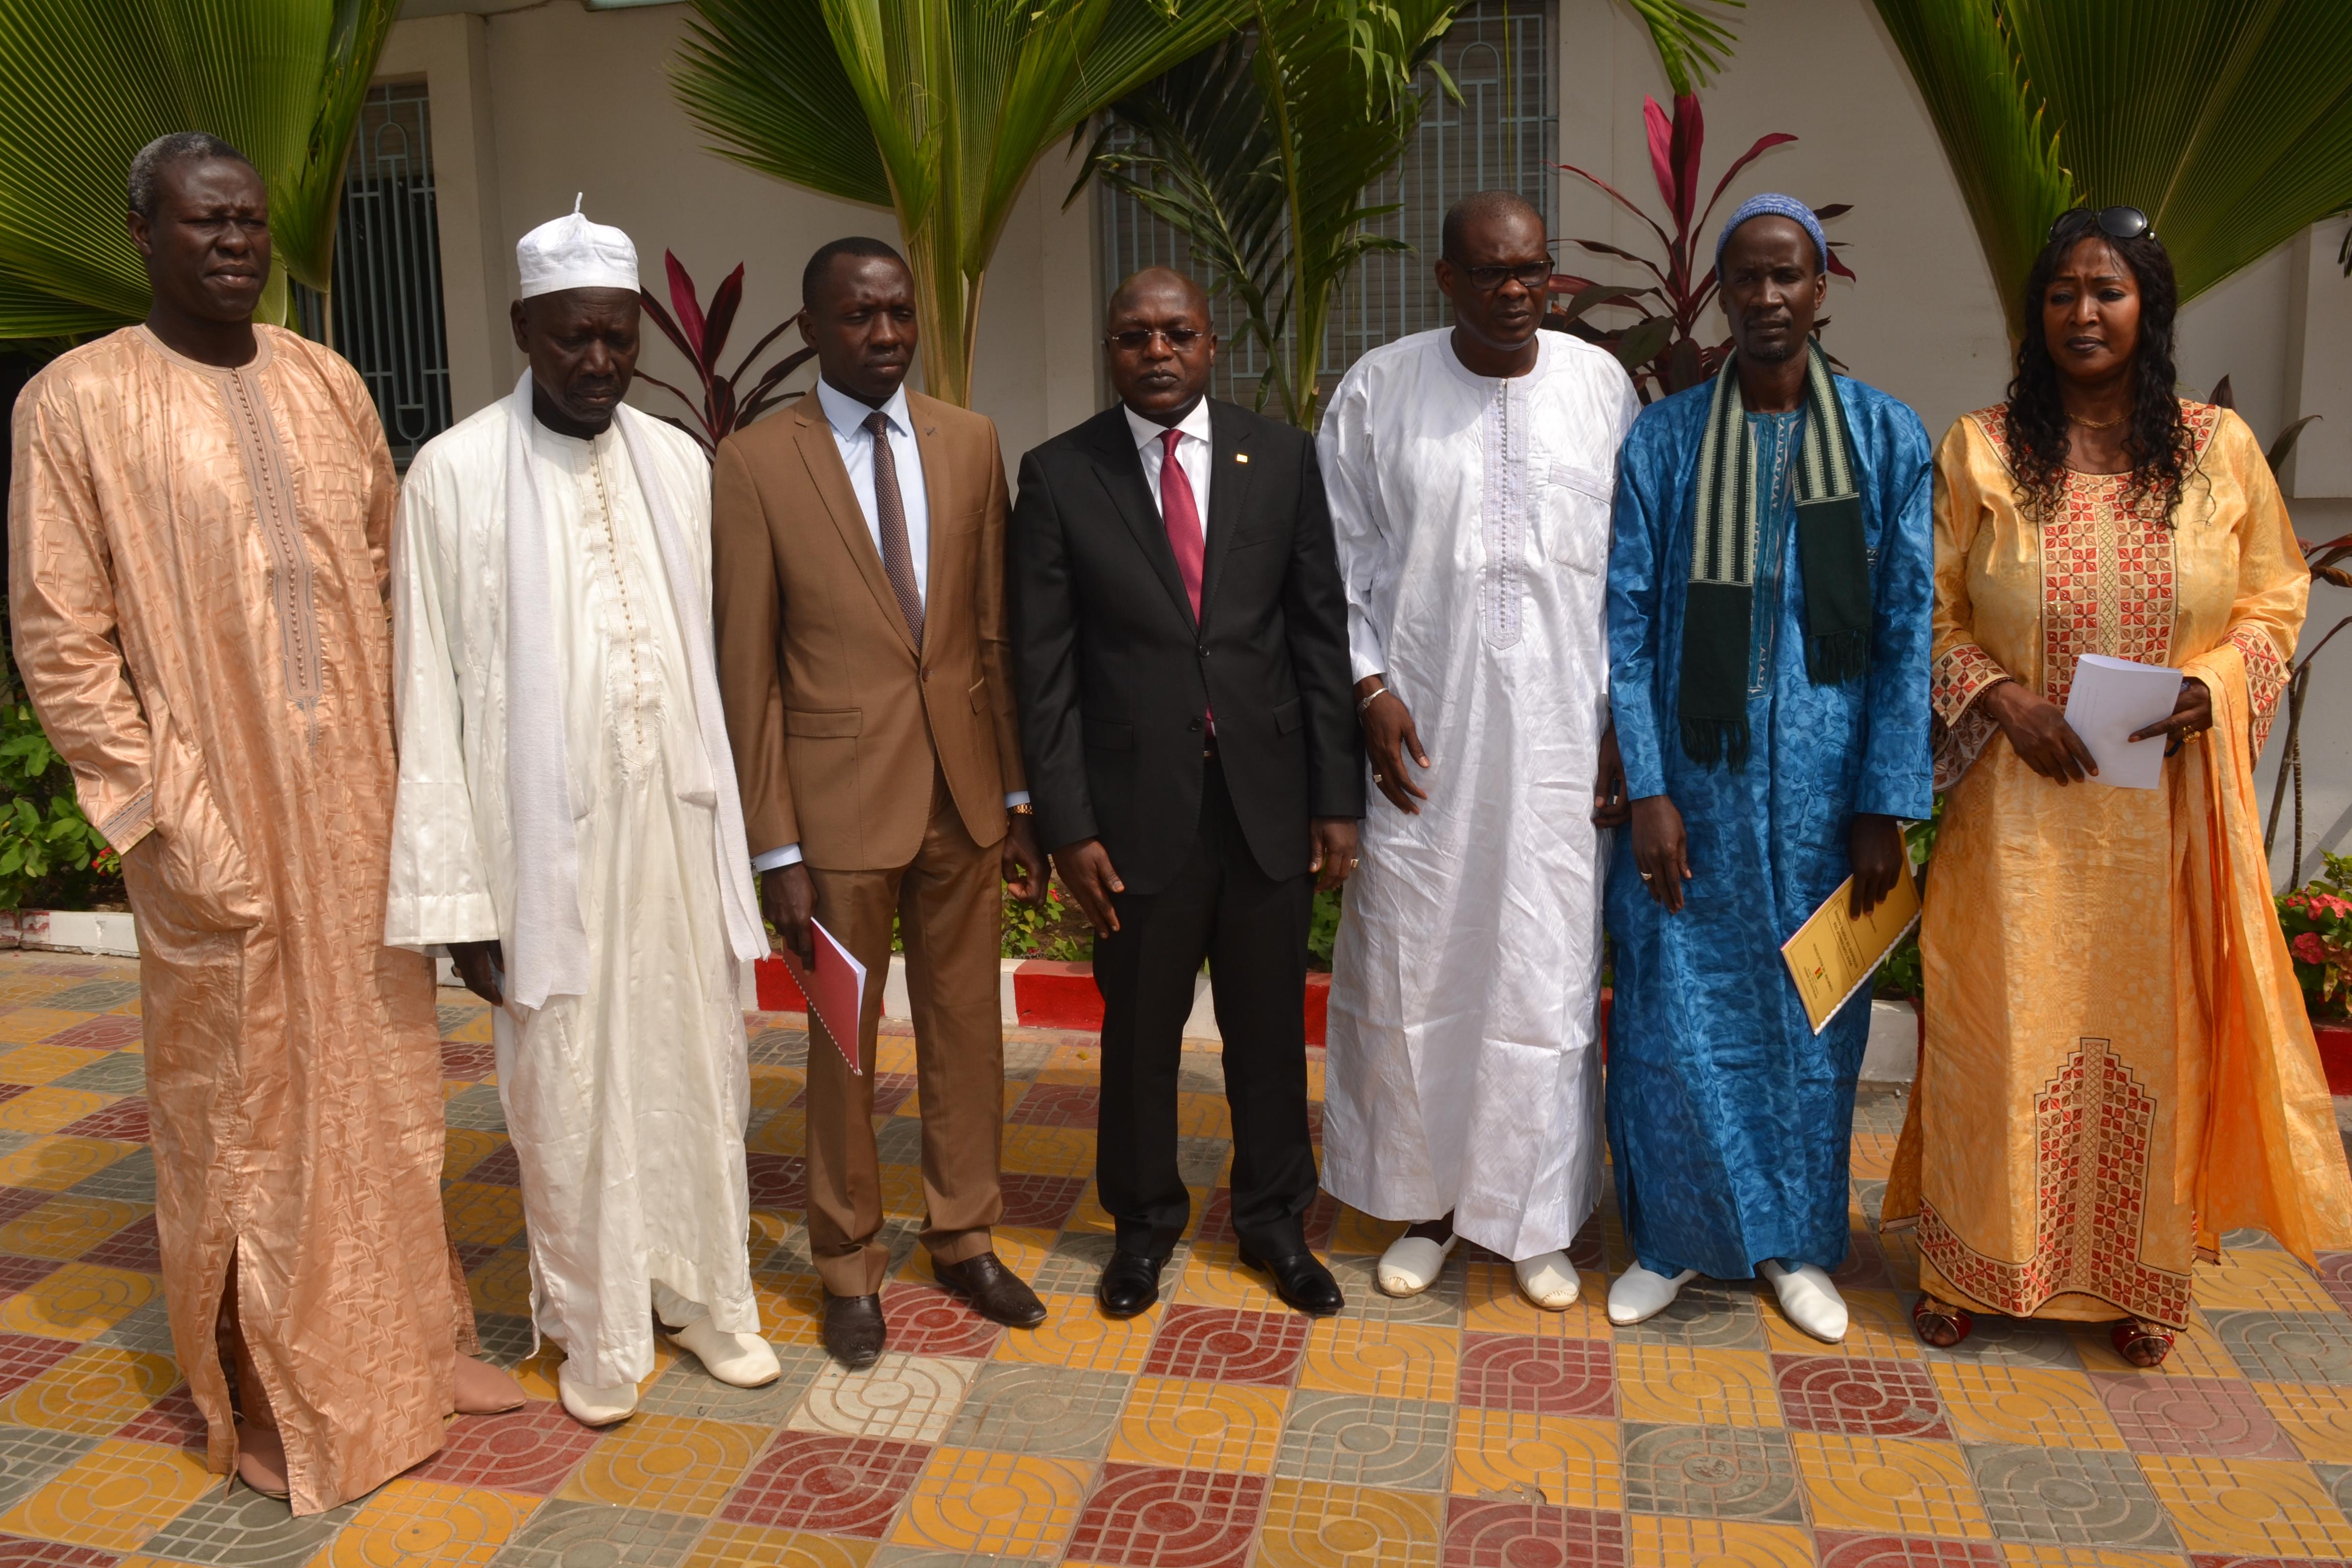 Démarrage des activités d'exploitation des infrastructures de pêche : Oumar Guèye signe avec les maires de Malicounda et de Ngaparou